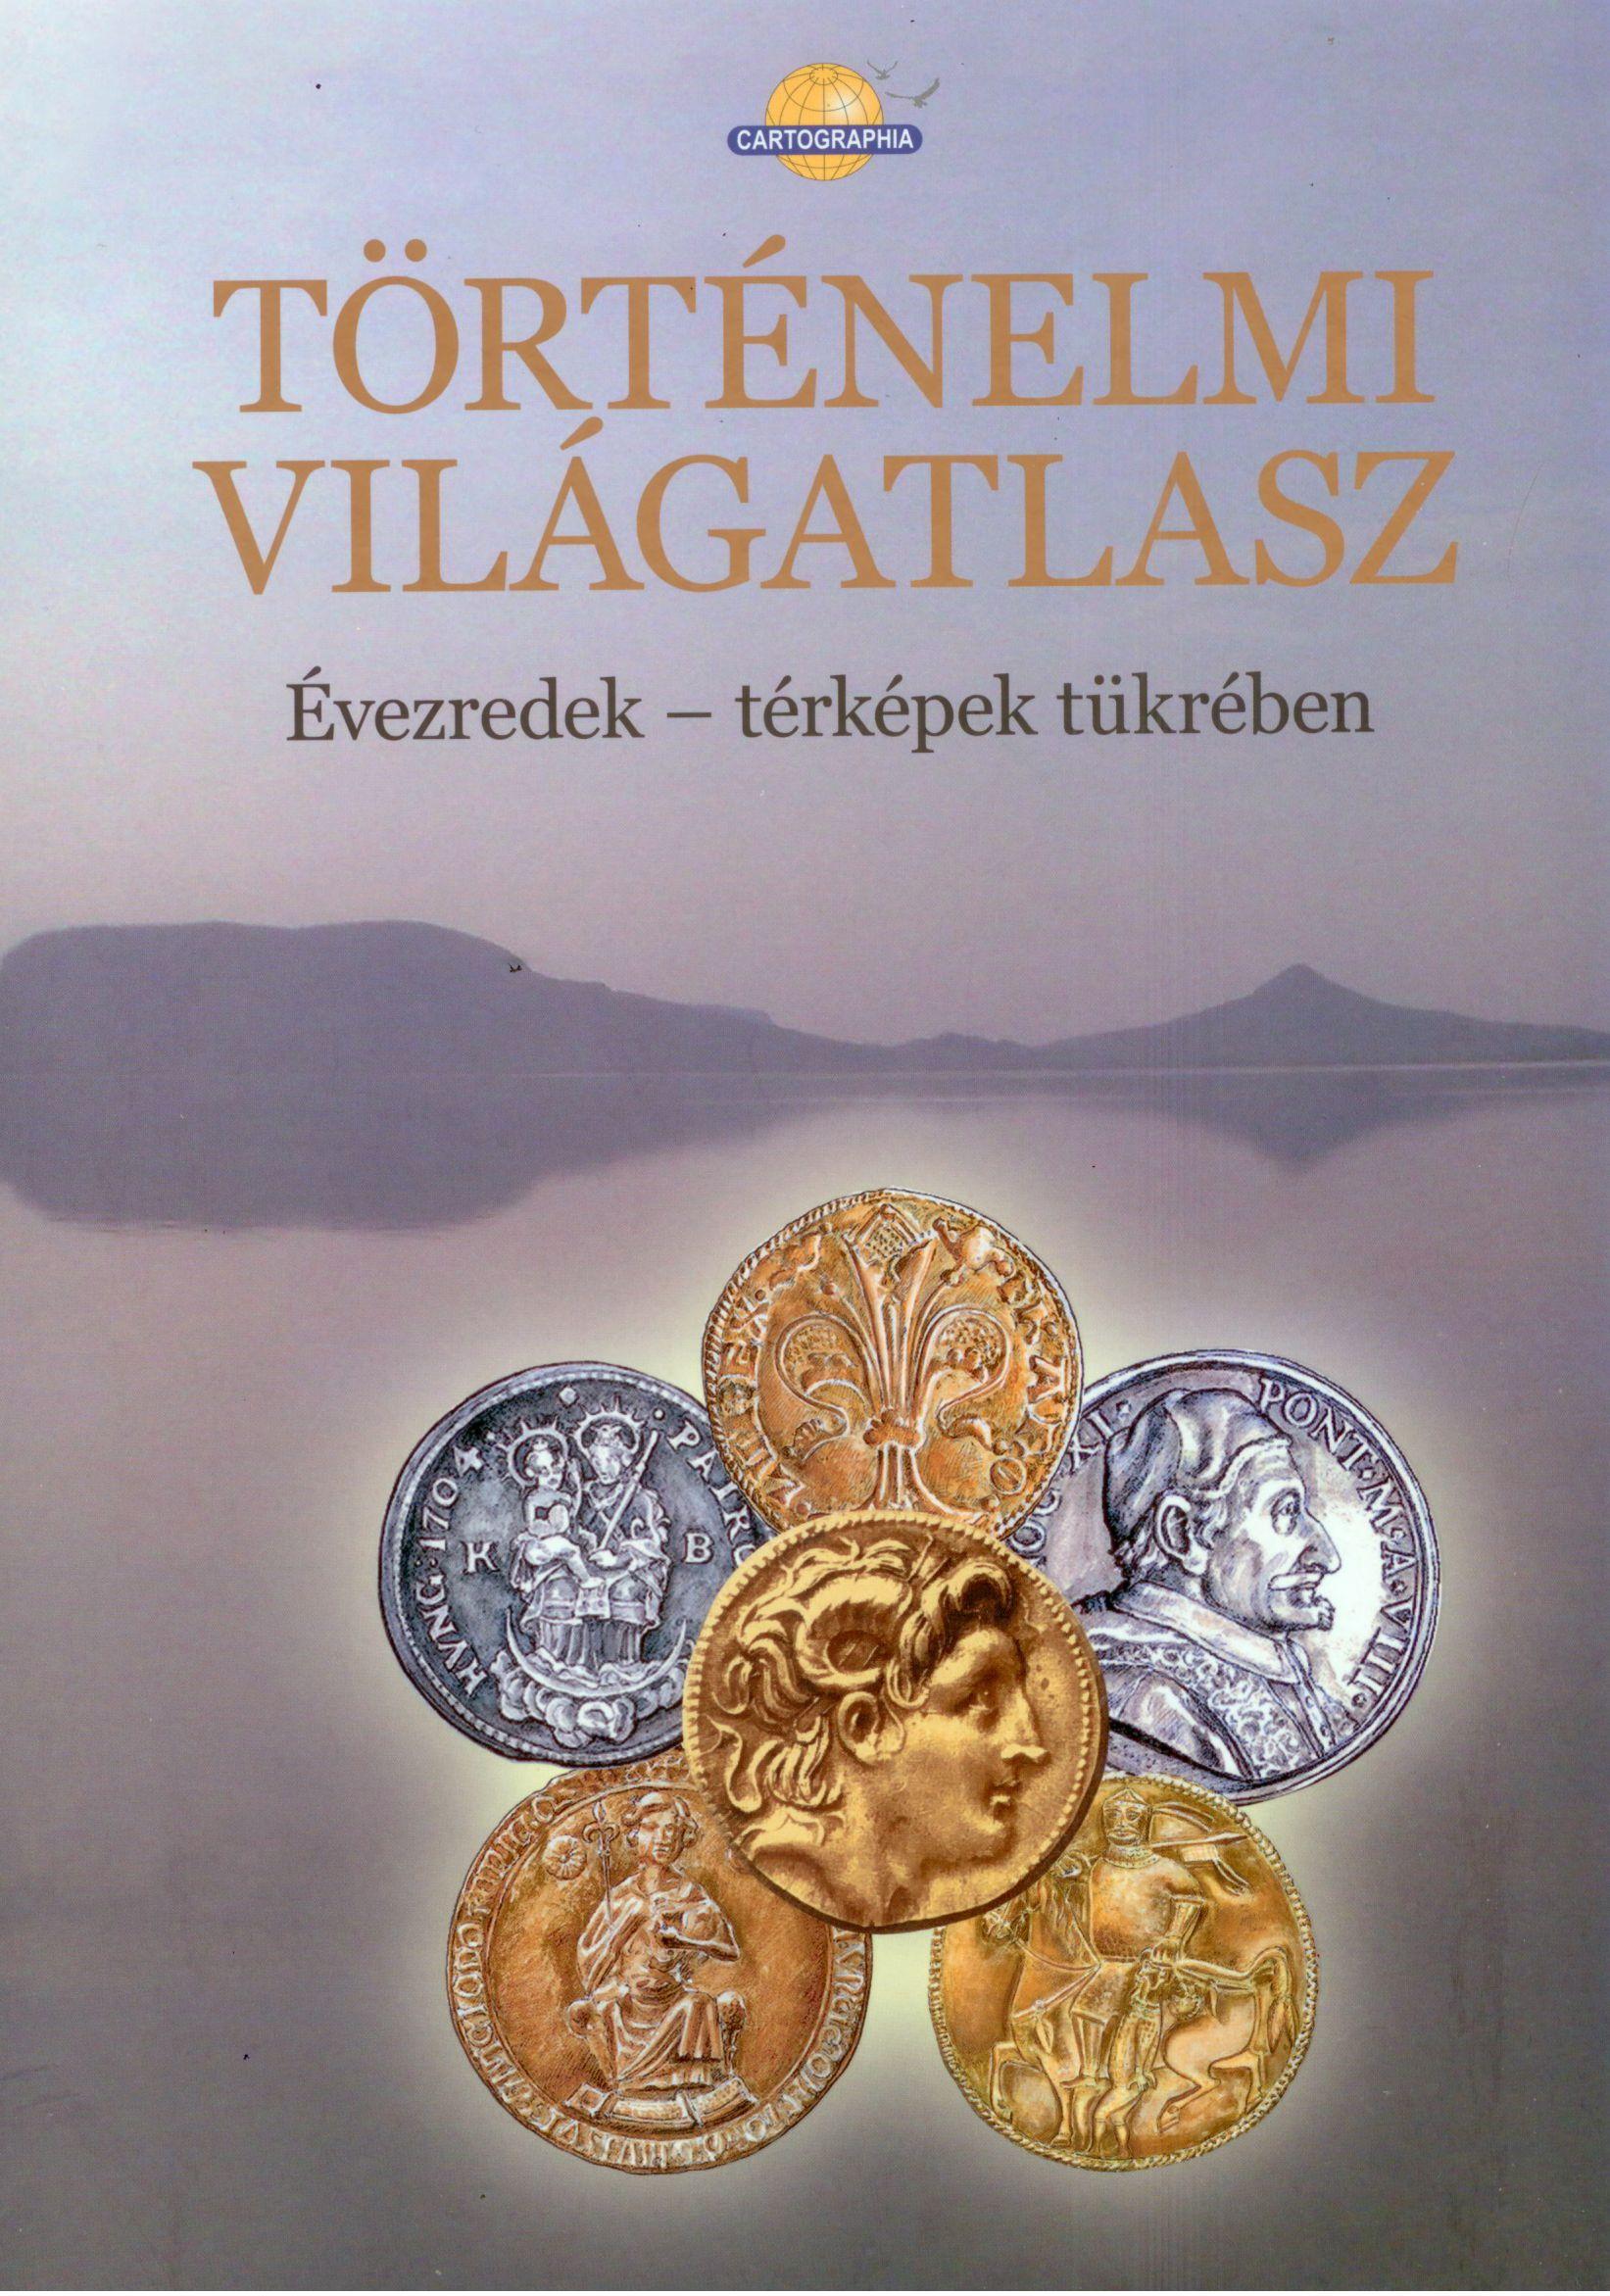 Mind a világtörténelmet, mind Magyarország történelmét részletesen bemutató atlasz (150 oldal, 25 x 35 cm, cérnaqfűzött, keménytáblás borító)